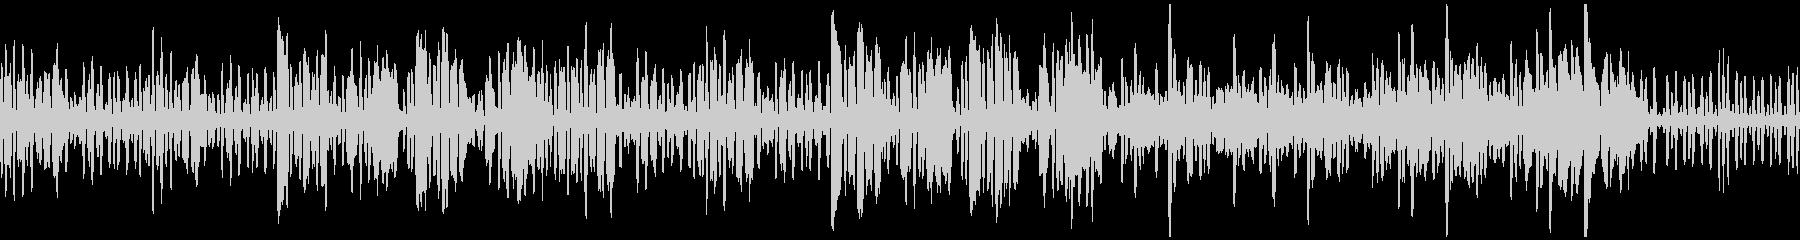 リコーダーの元気で可愛い曲3_ループの未再生の波形